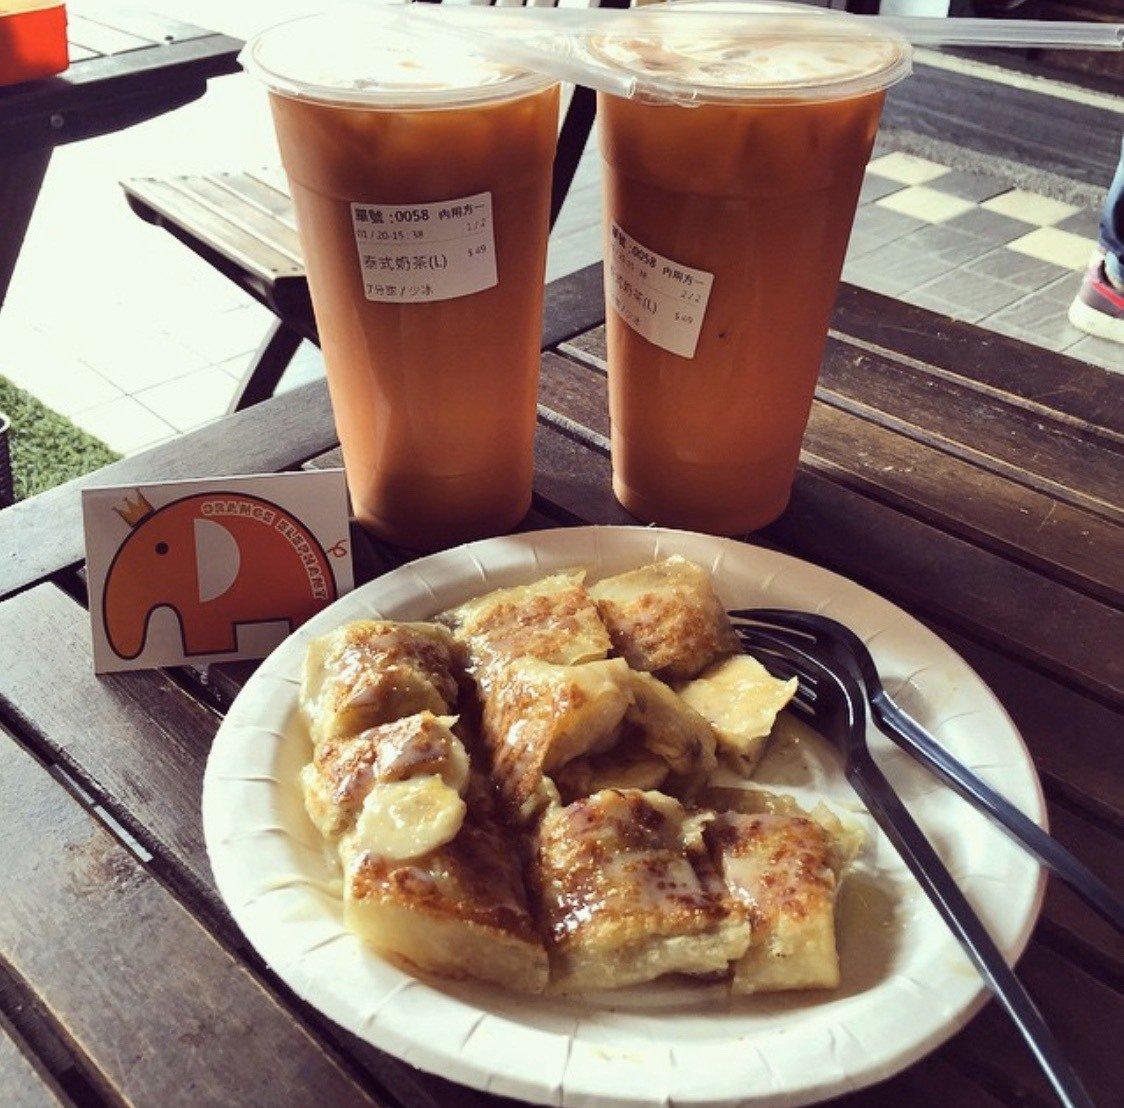 「橘象泰早安」道地泰奶讓無數饕客聞香而來。圖/取自IG:hisft